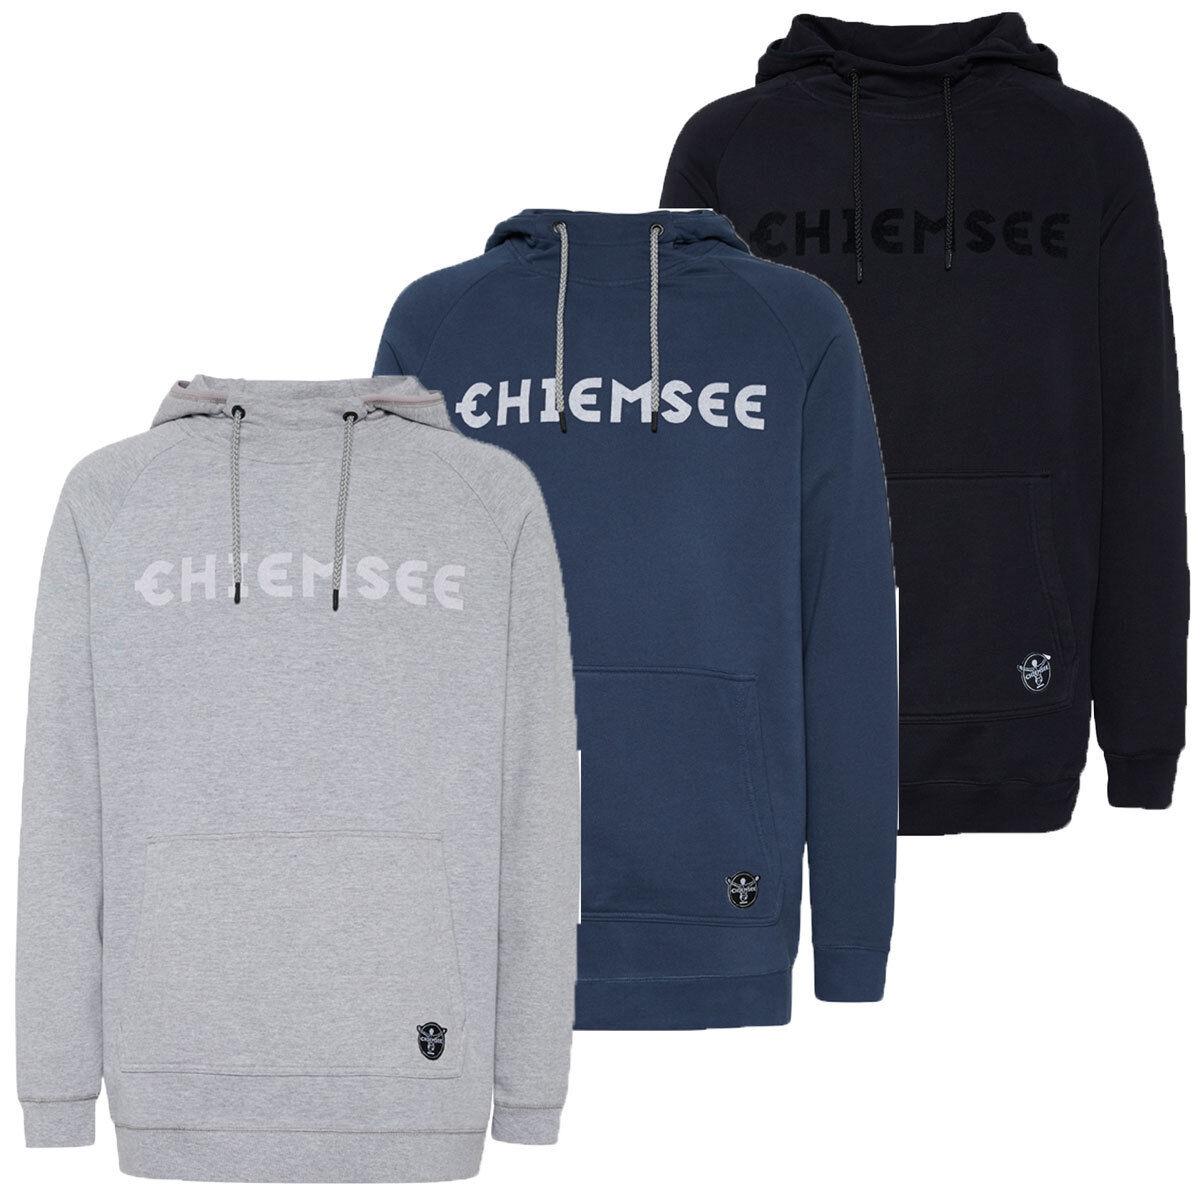 Chiemsee Herren Sweat-Hoodie Avellanas Sweatshirt Hoodie Pullover mit Kapuze